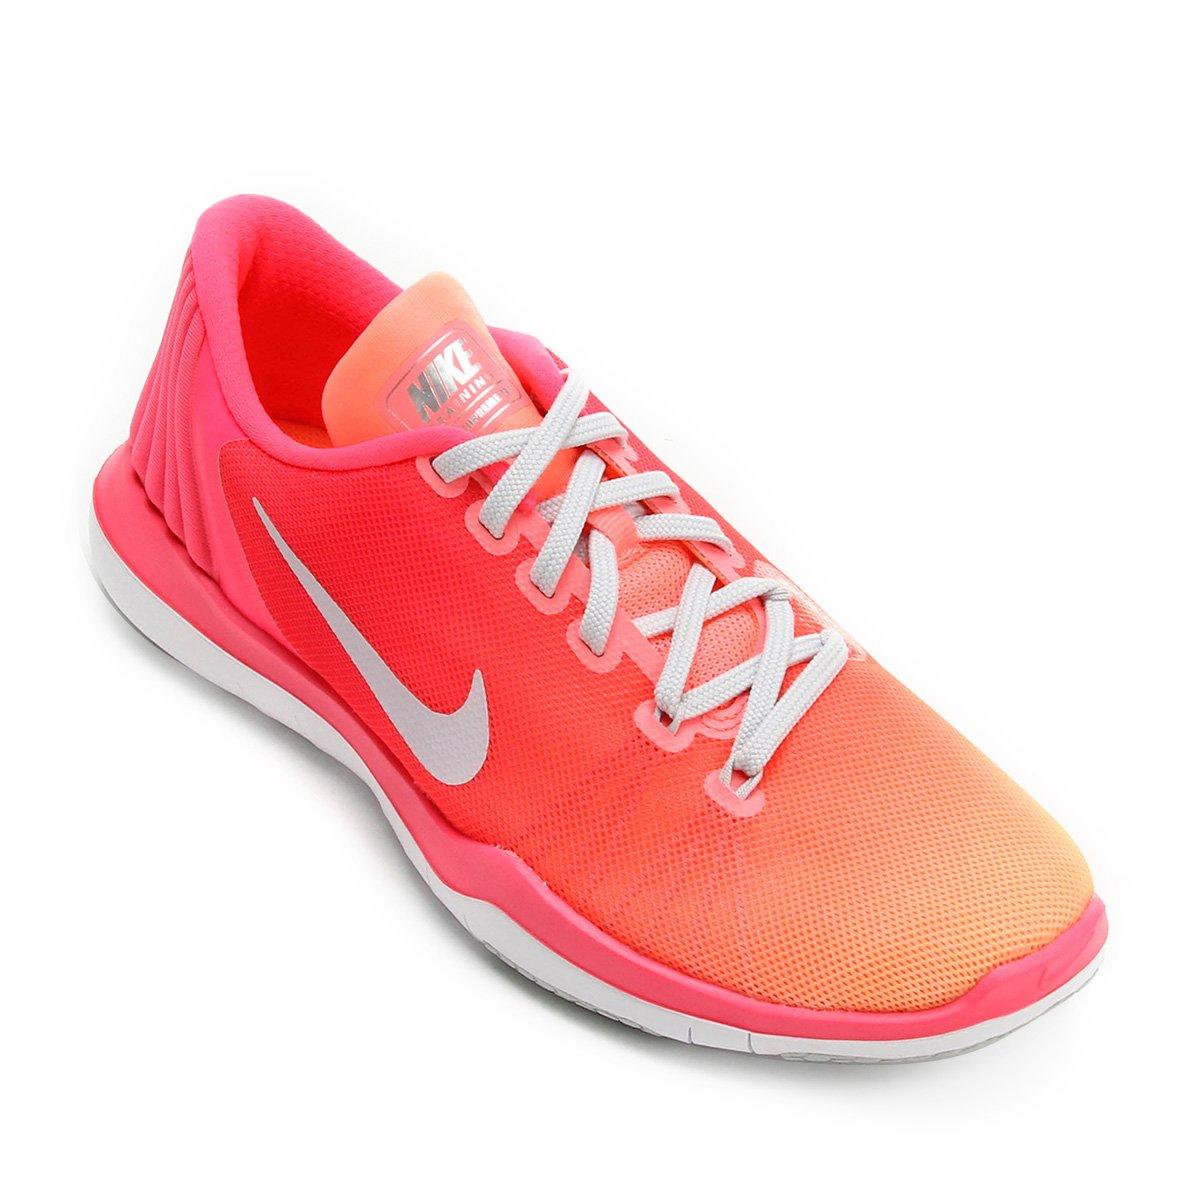 f719fae5aeb Tênis Nike Flex Supreme Tr 5 Fade Feminino - Compre Agora